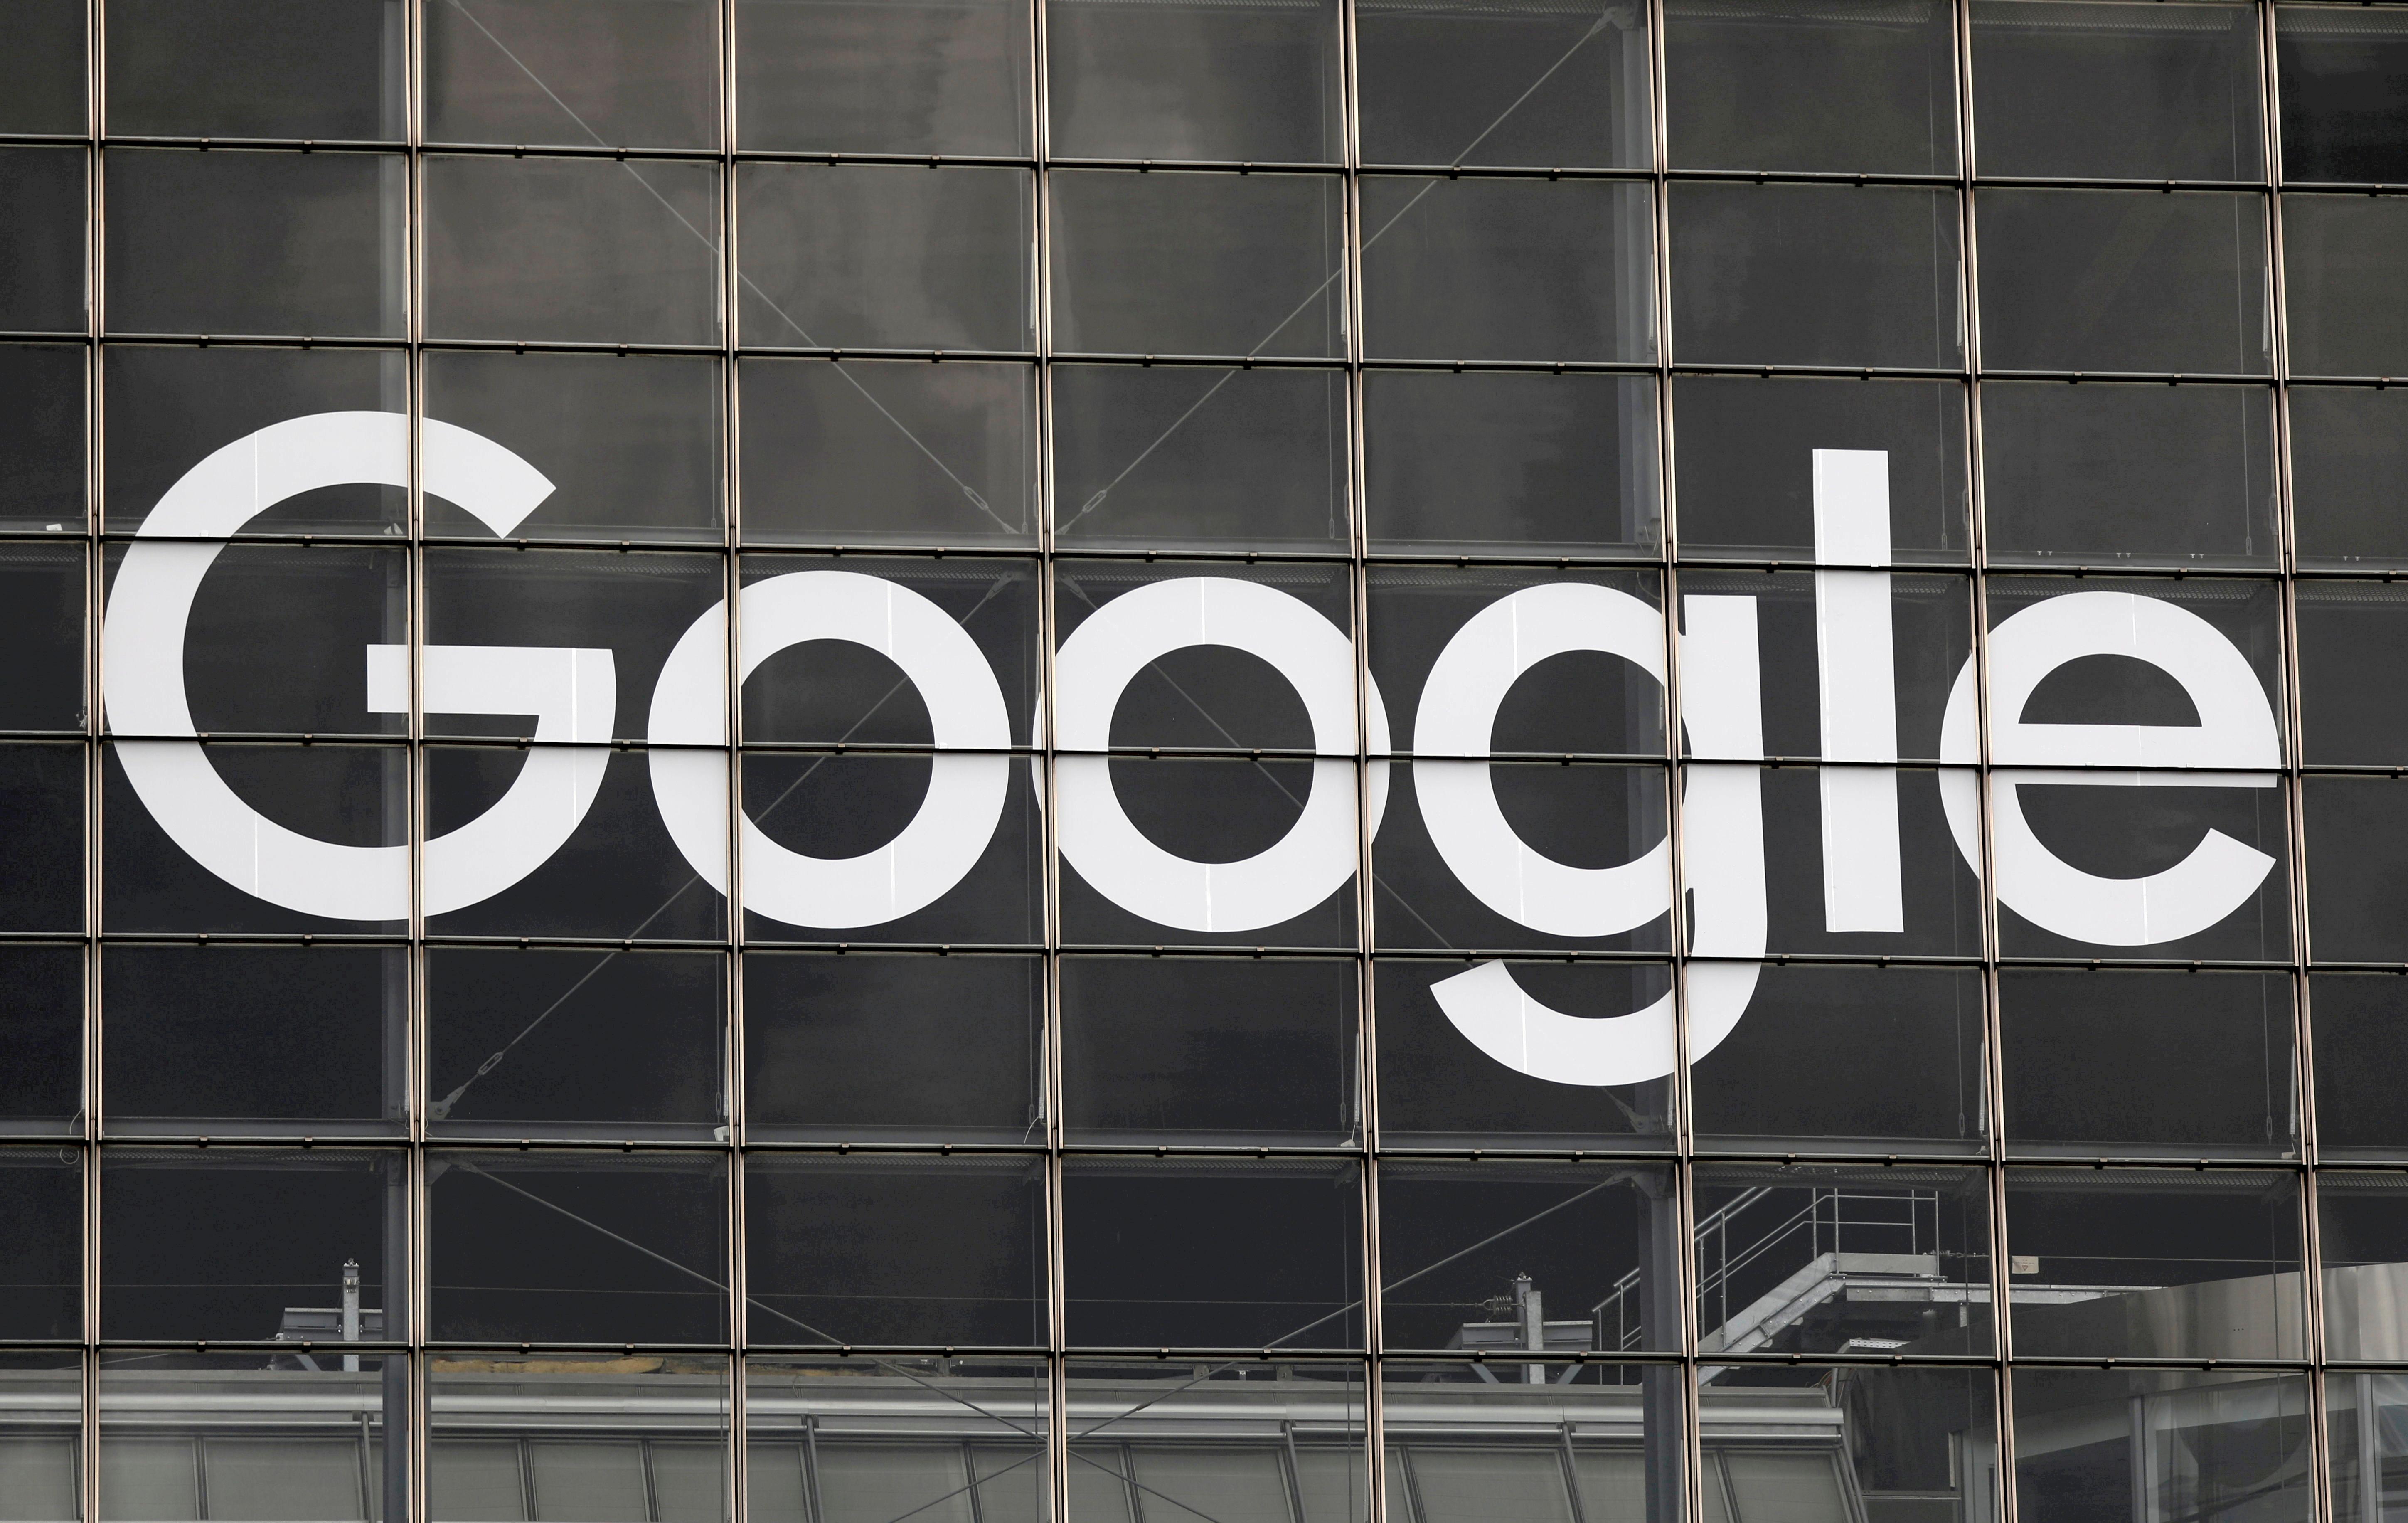 Googlov logotip je viden na stavbi v poslovnem in finančnem okrožju La Defense v kraju Courbevoie blizu Pariza v Franciji, 1. septembra 2020. REUTERS / Charles Platiau / File Photo